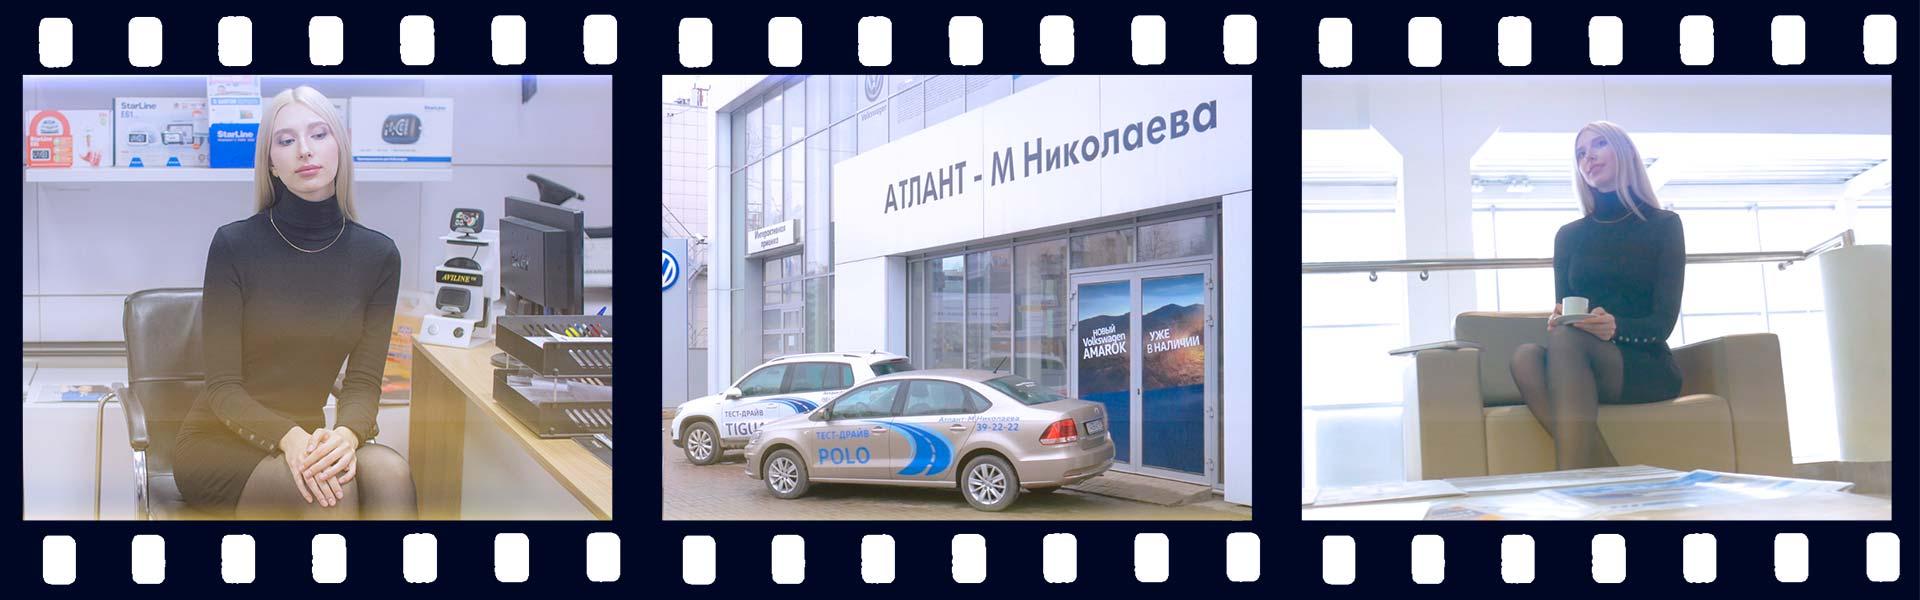 Видеоролики для автосалона «Атлант-М Николаева»